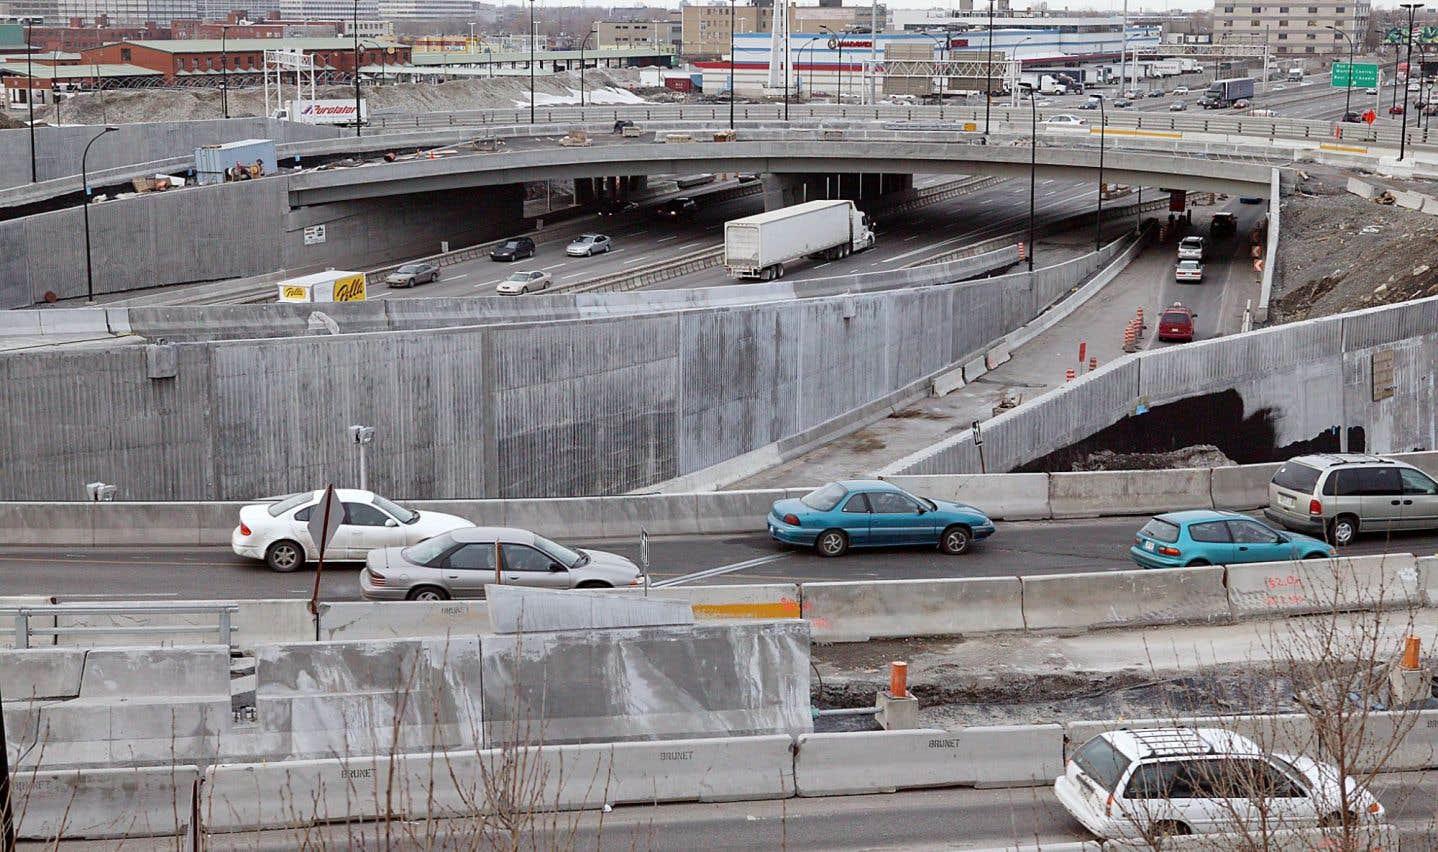 La grande question sera de savoir si la Caisse de dépôt et placement du Québec, qui a récemment affiché ses intentions d'investir dans les infrastructures de transport en commun de la région métropolitaine de Montréal, pourra être reconnue par le programme fédéral.